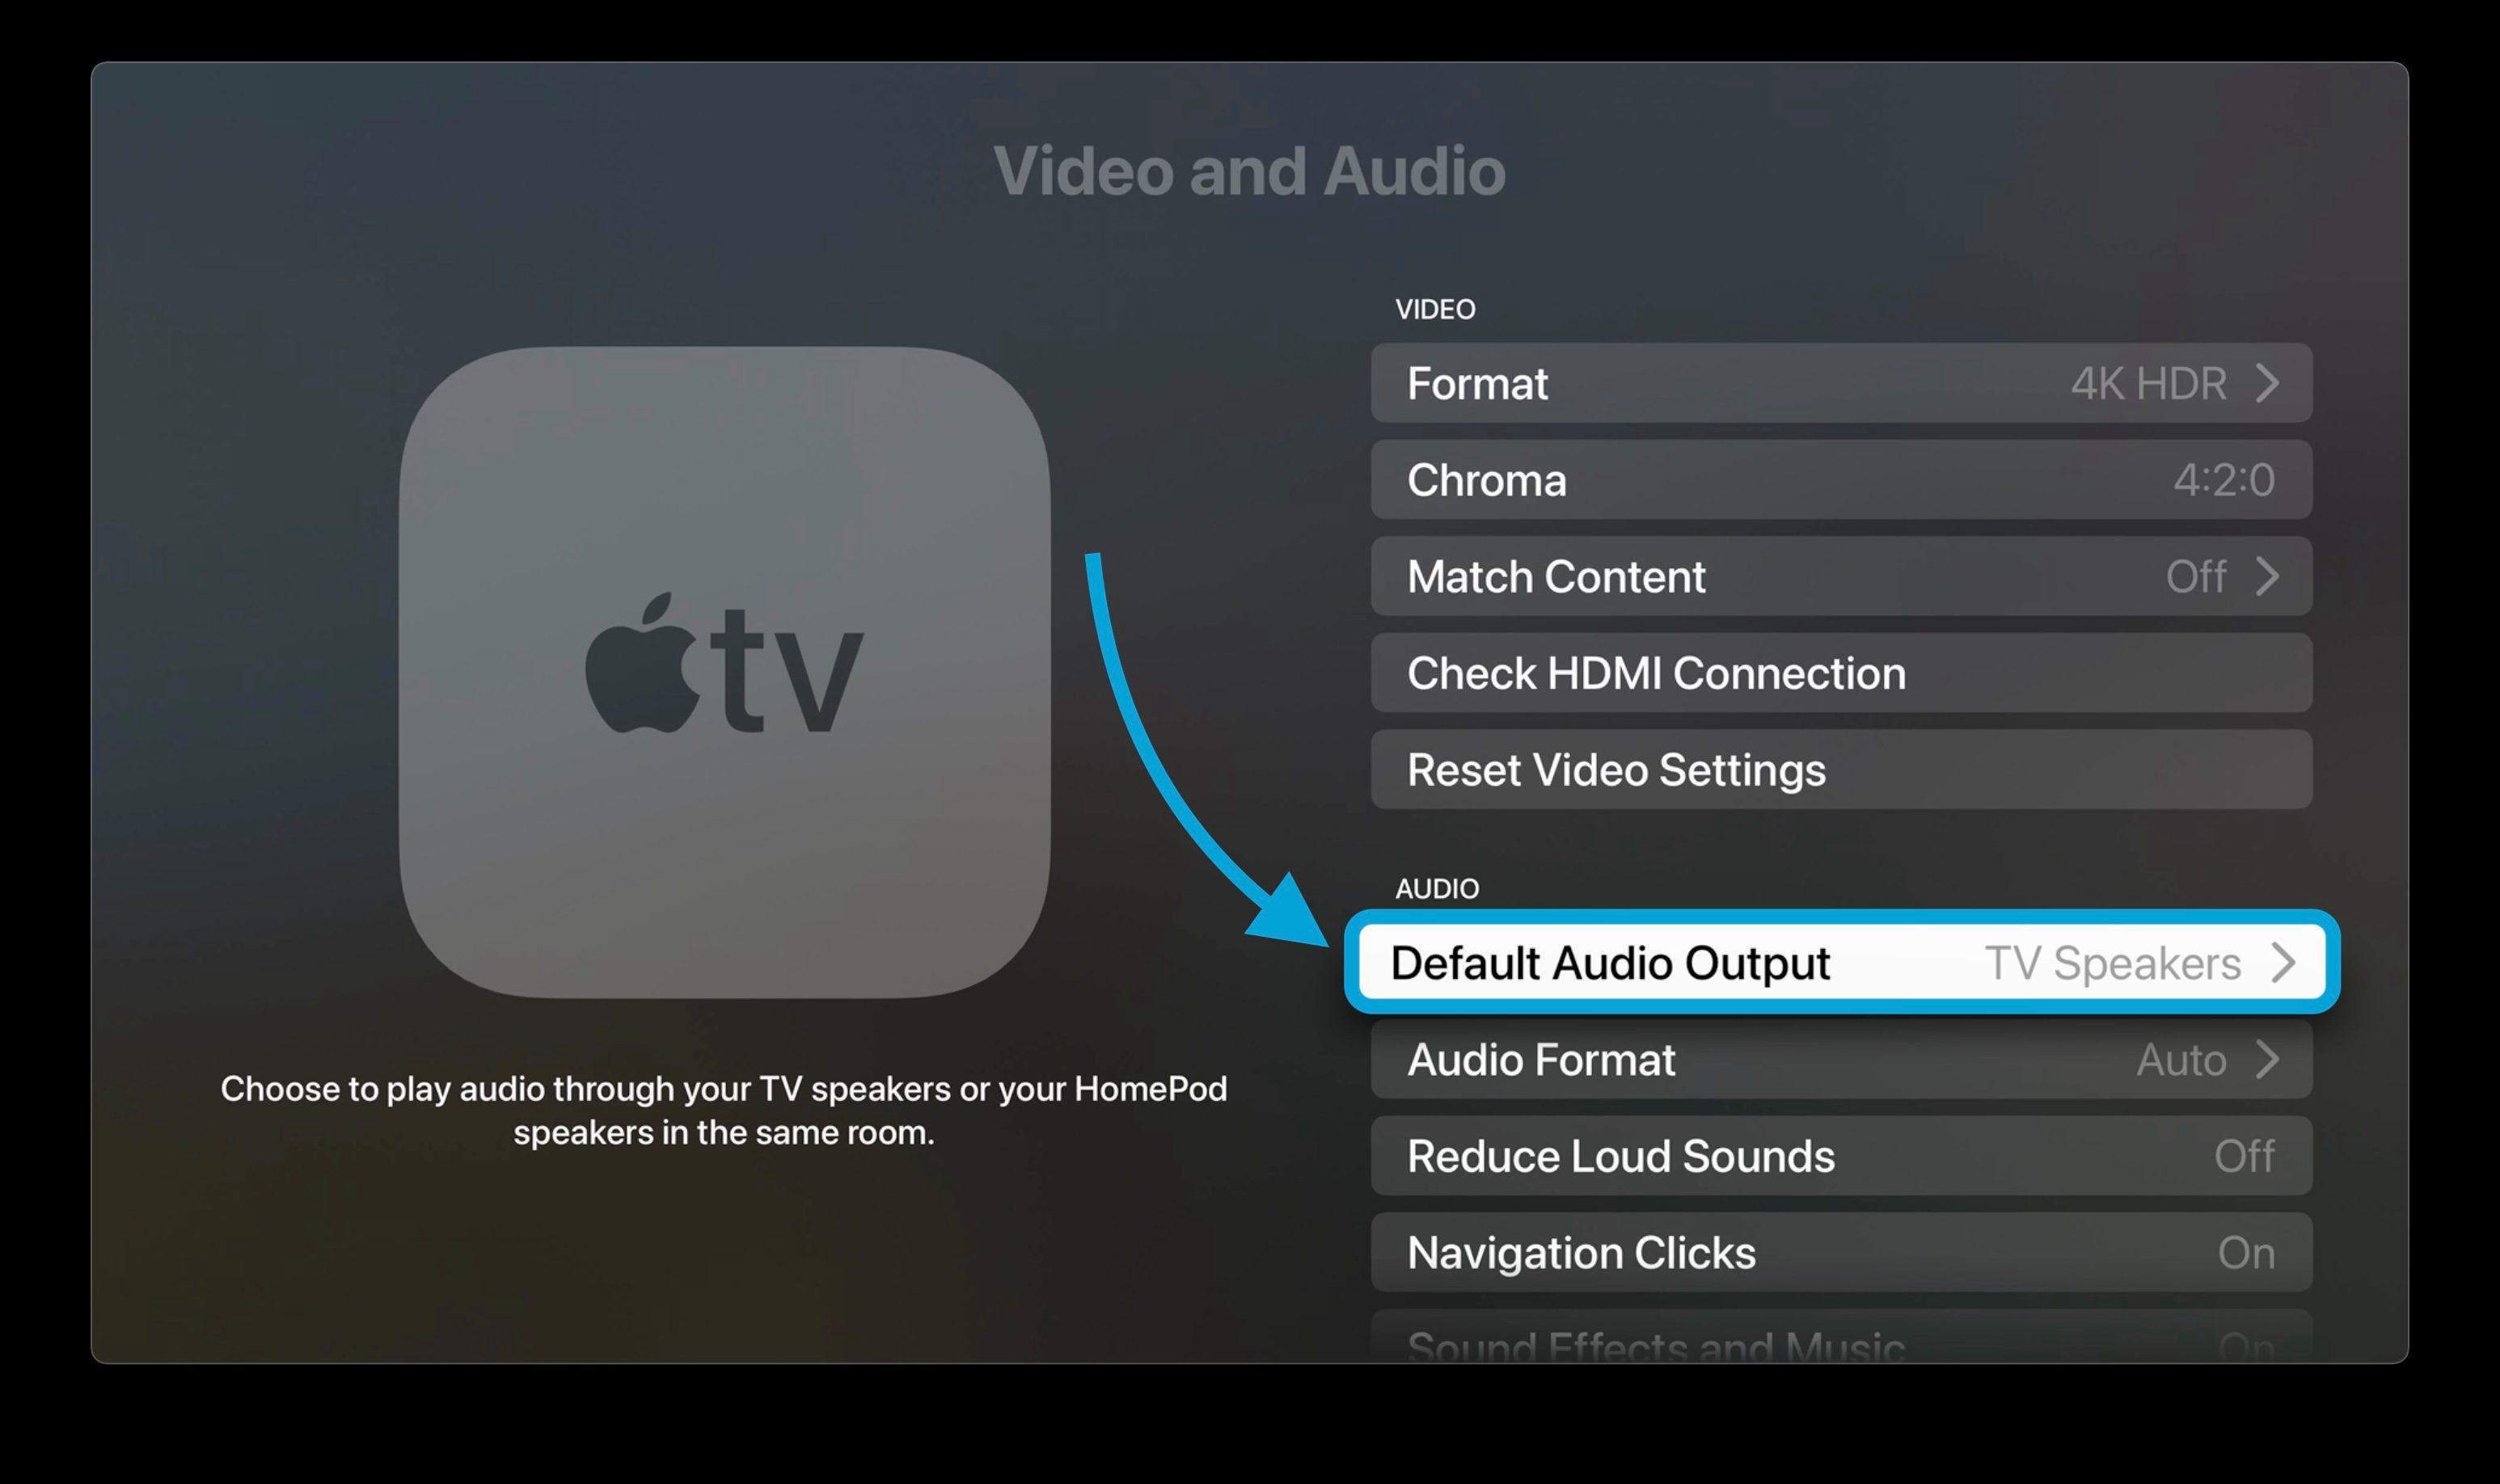 نحوه تنظیم HomePod به عنوان پیش فرض پیاده روی برای بلندگوهای Apple TV 2 - گزینه Default Audio Out را انتخاب کنید